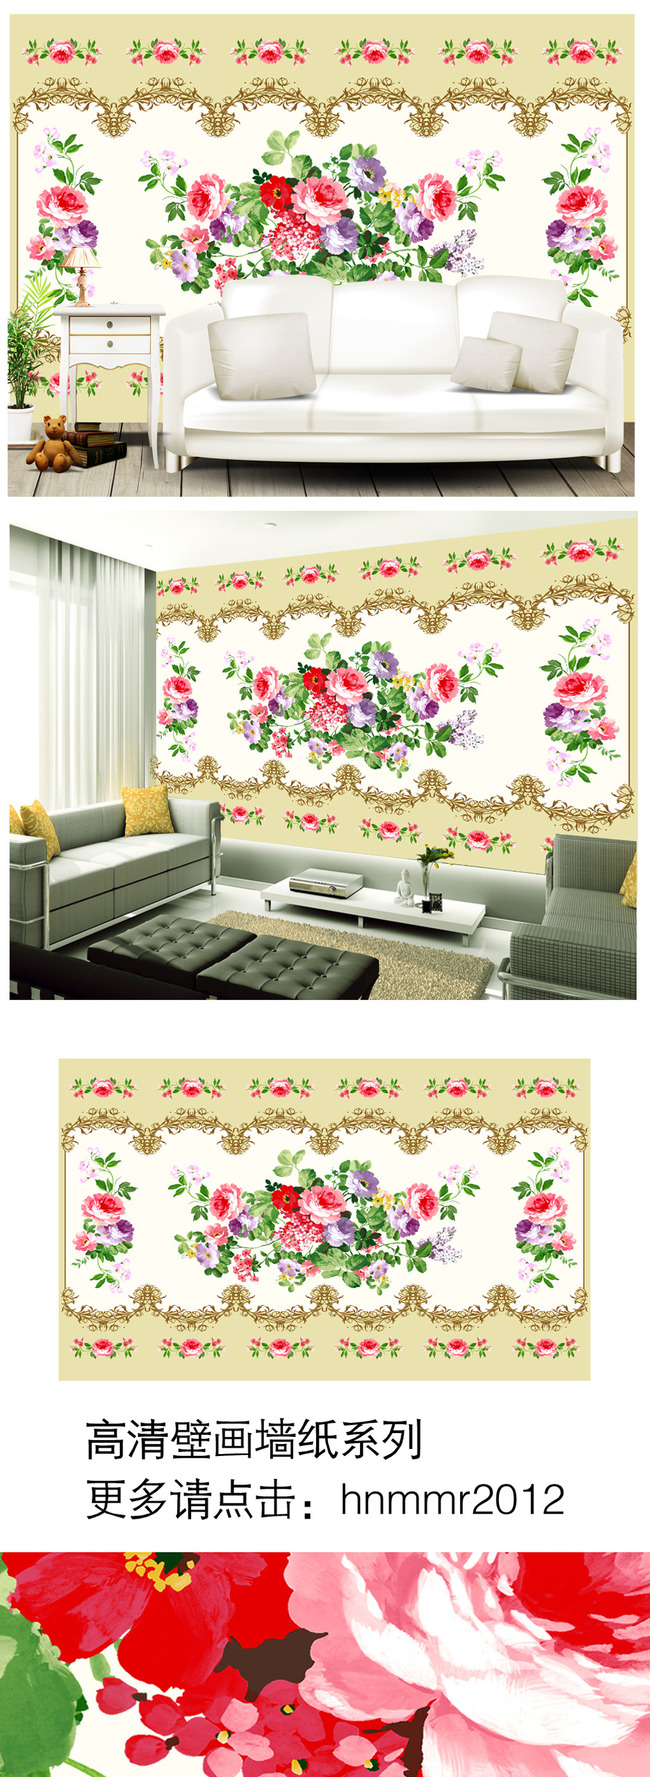 沙发背景墙 简欧风格 壁画 墙画 墙纸 室内装饰 韩式手绘玫瑰花 韩式